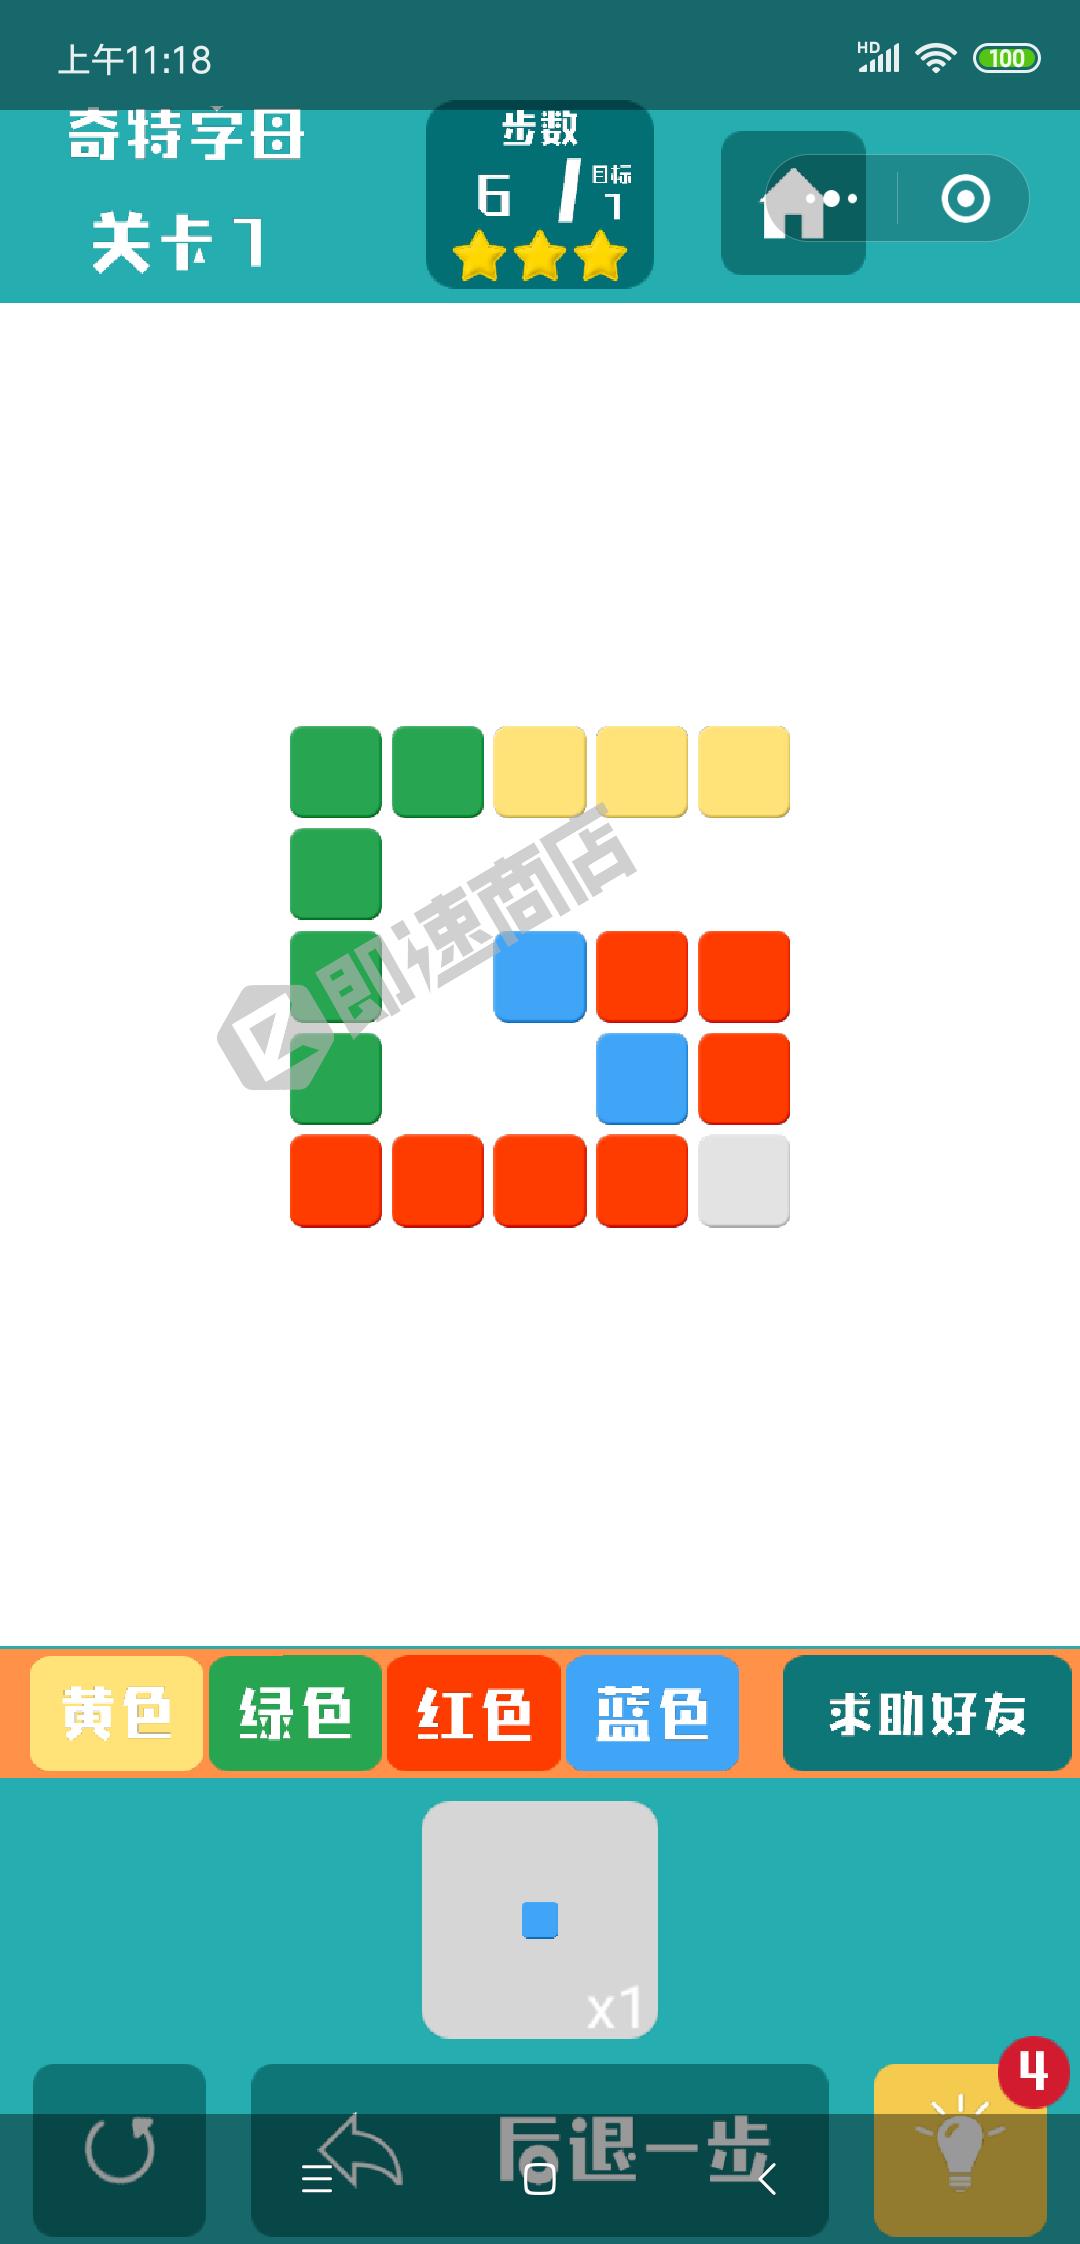 四彩方格小程序详情页截图